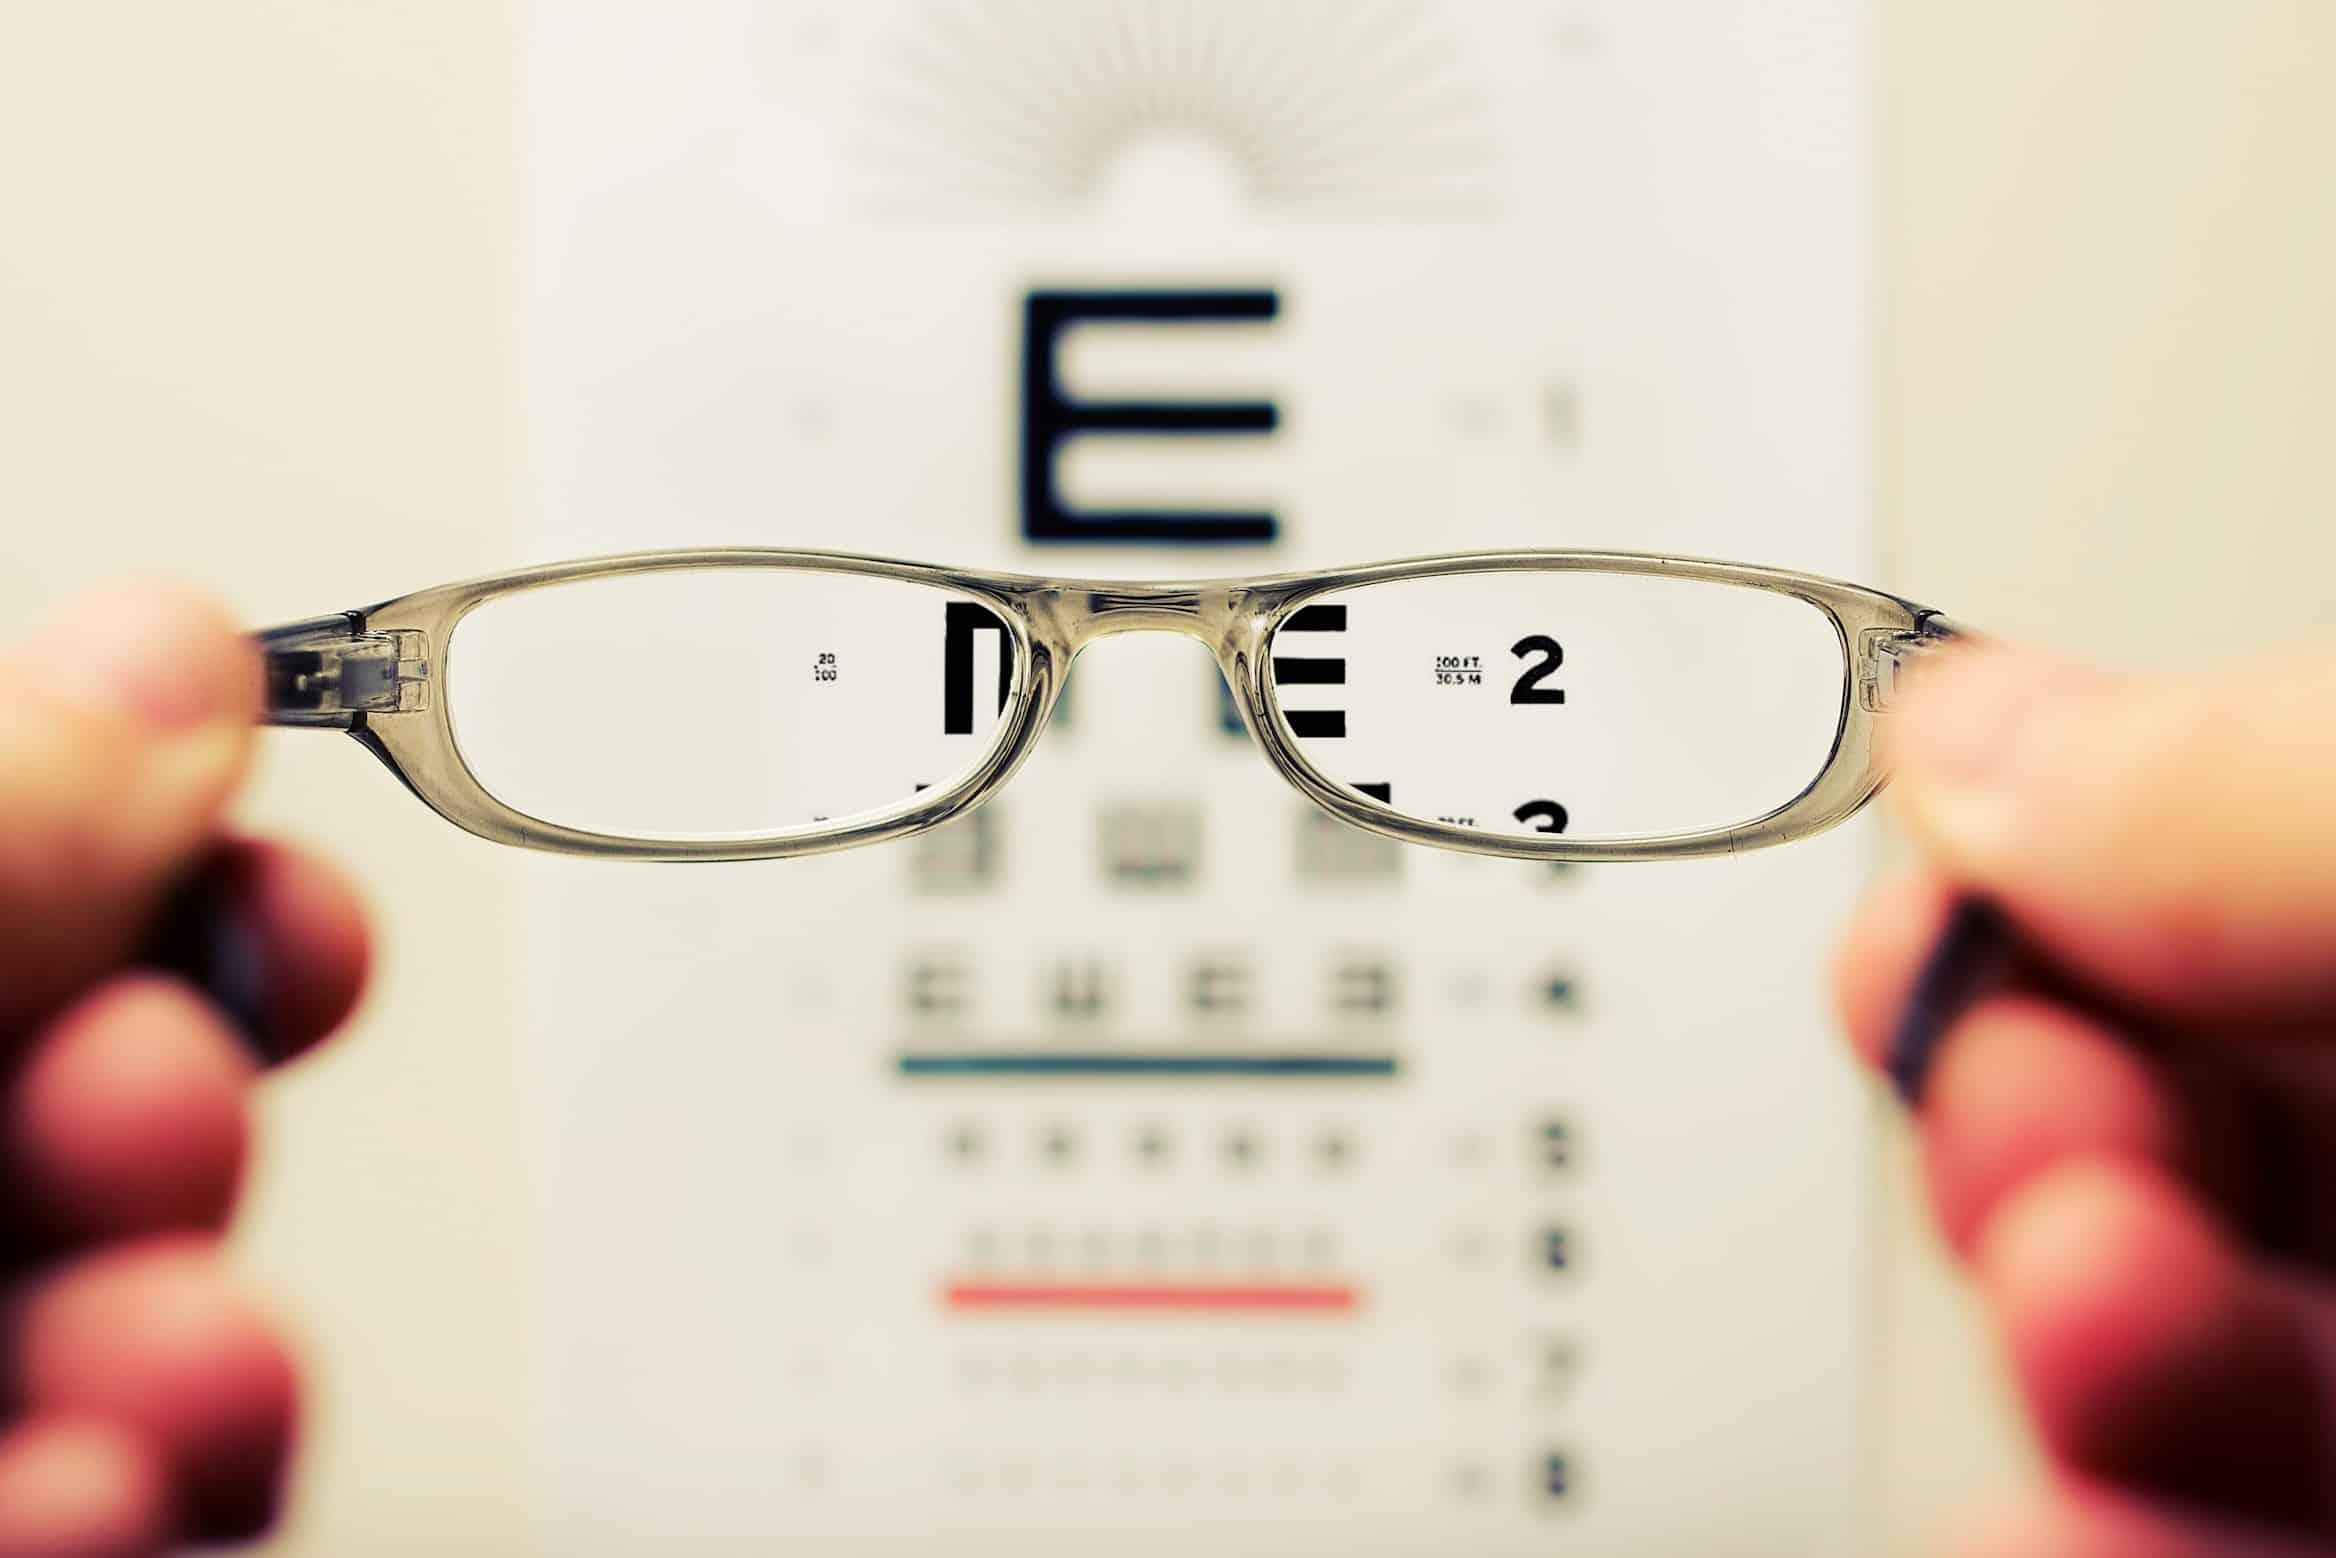 látásélesség 0 6 mit jelent)